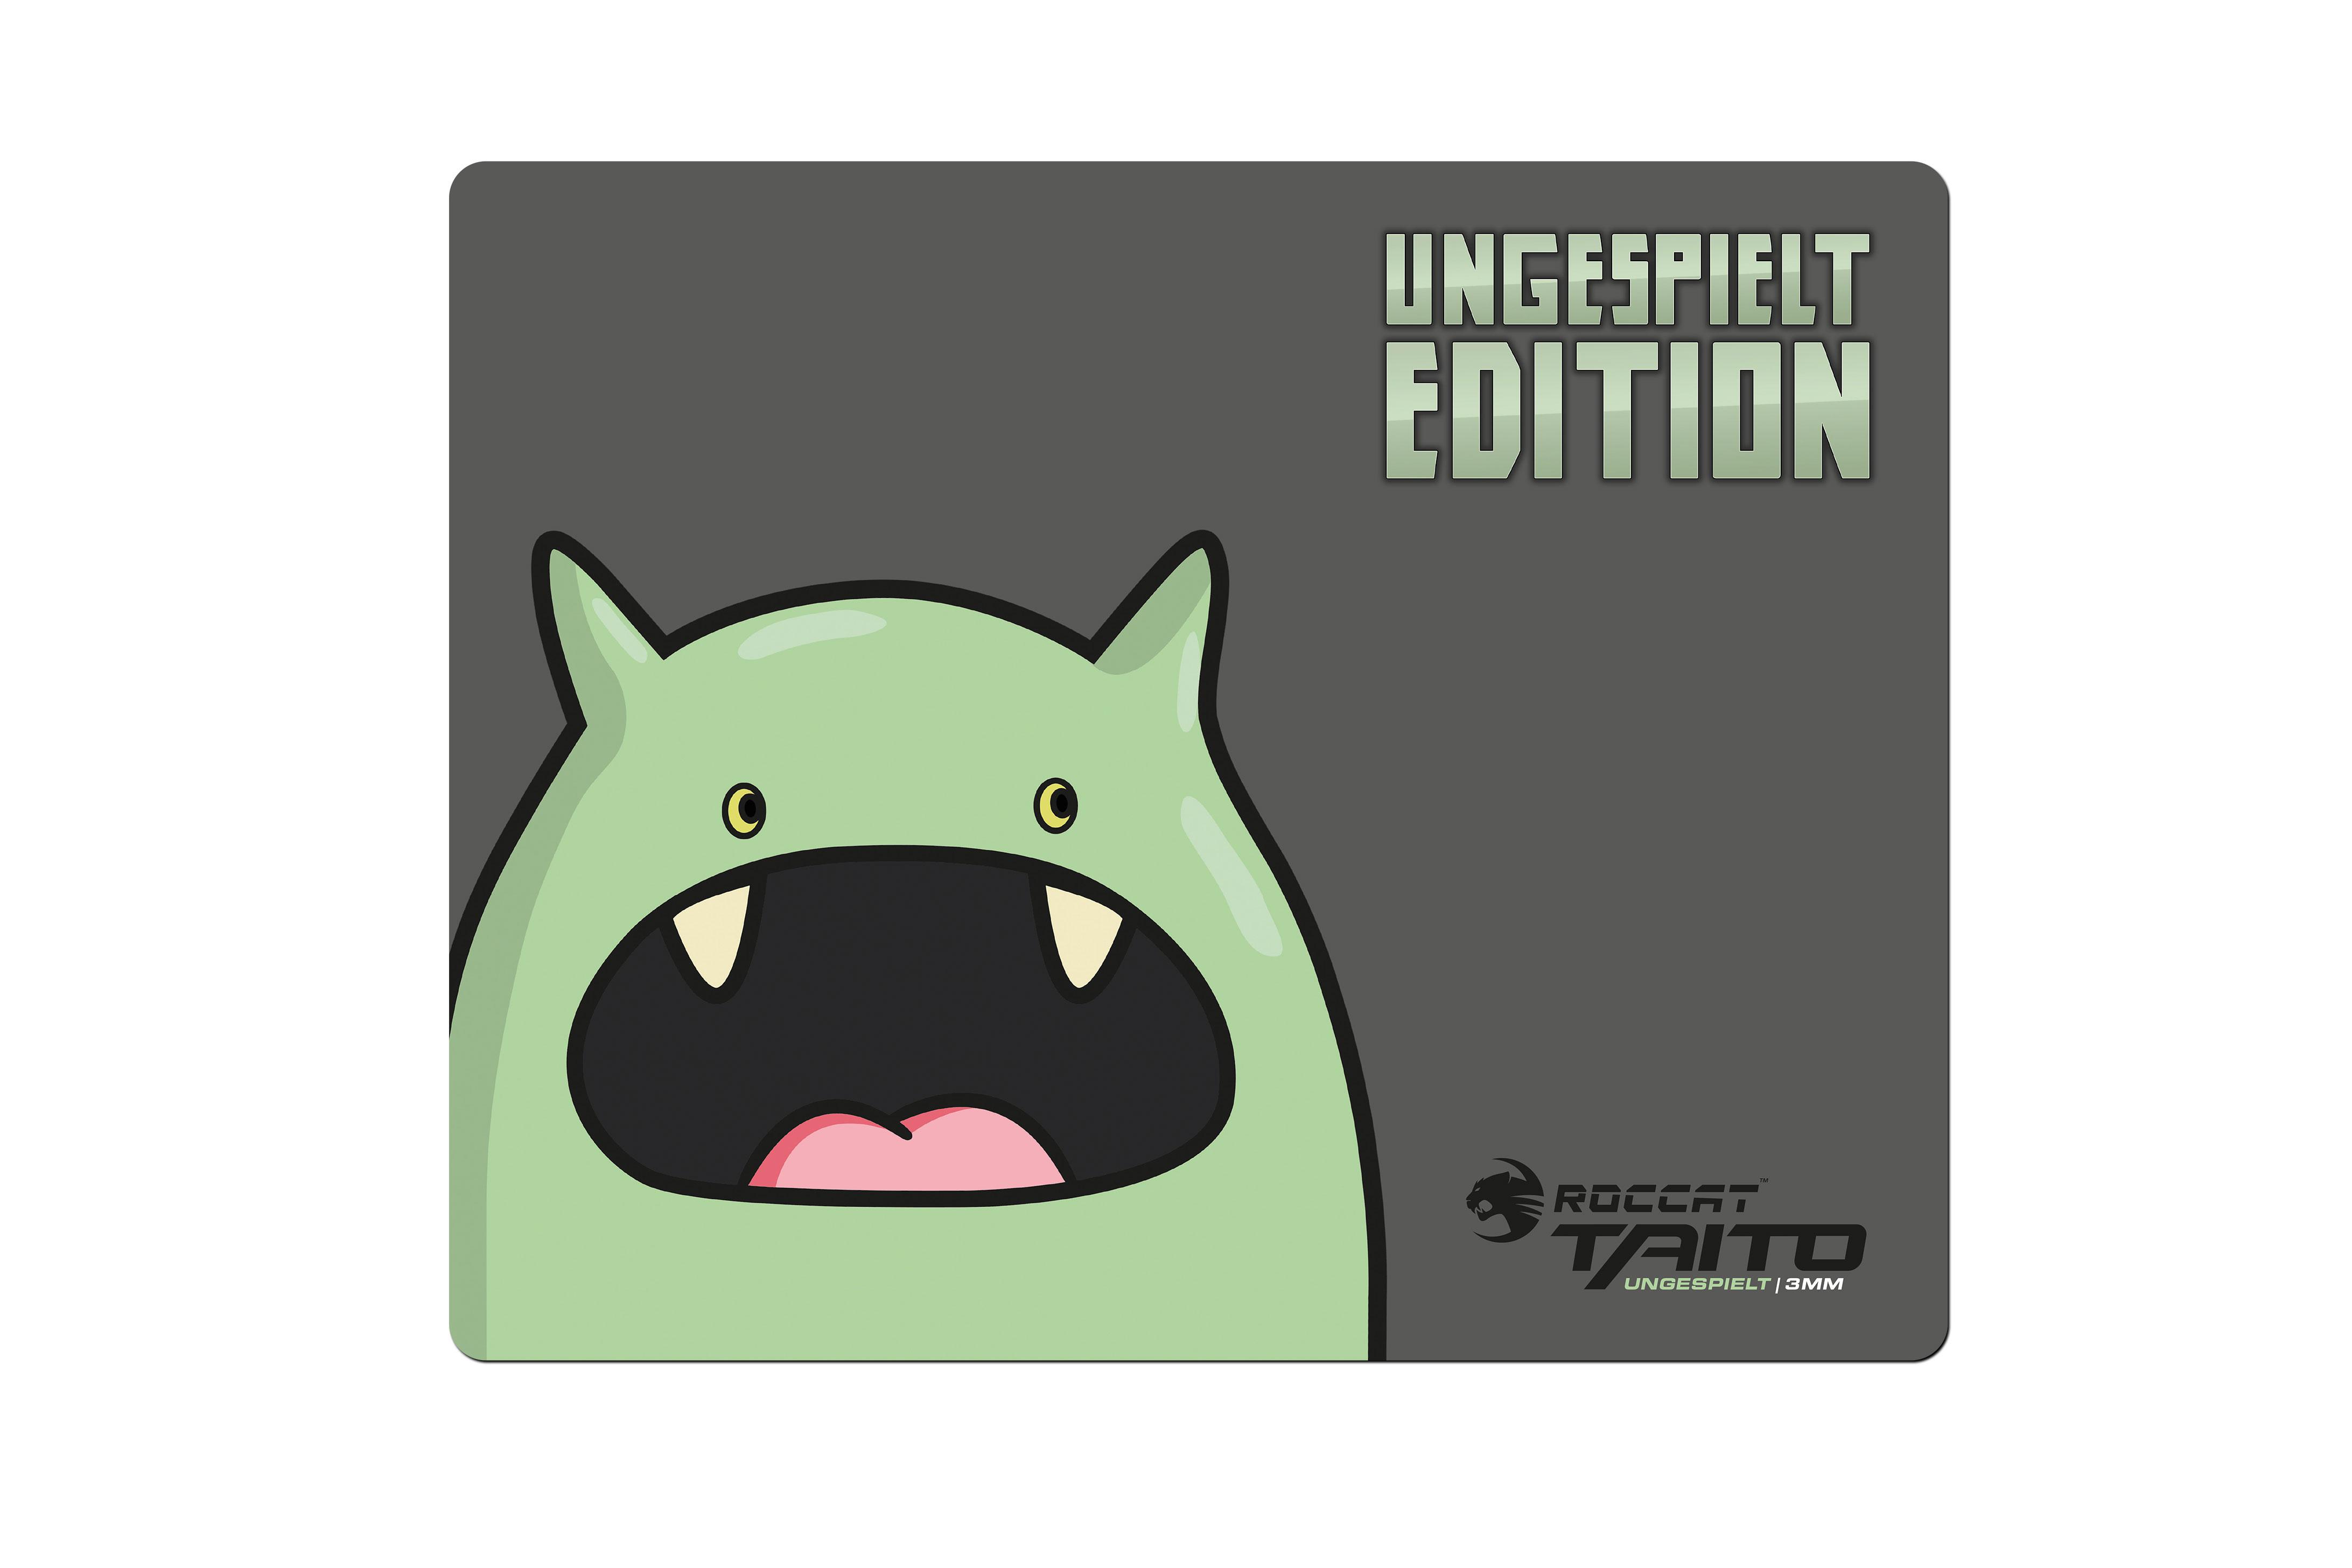 ROCCAT-Taito_Ungespielt-Edition_top